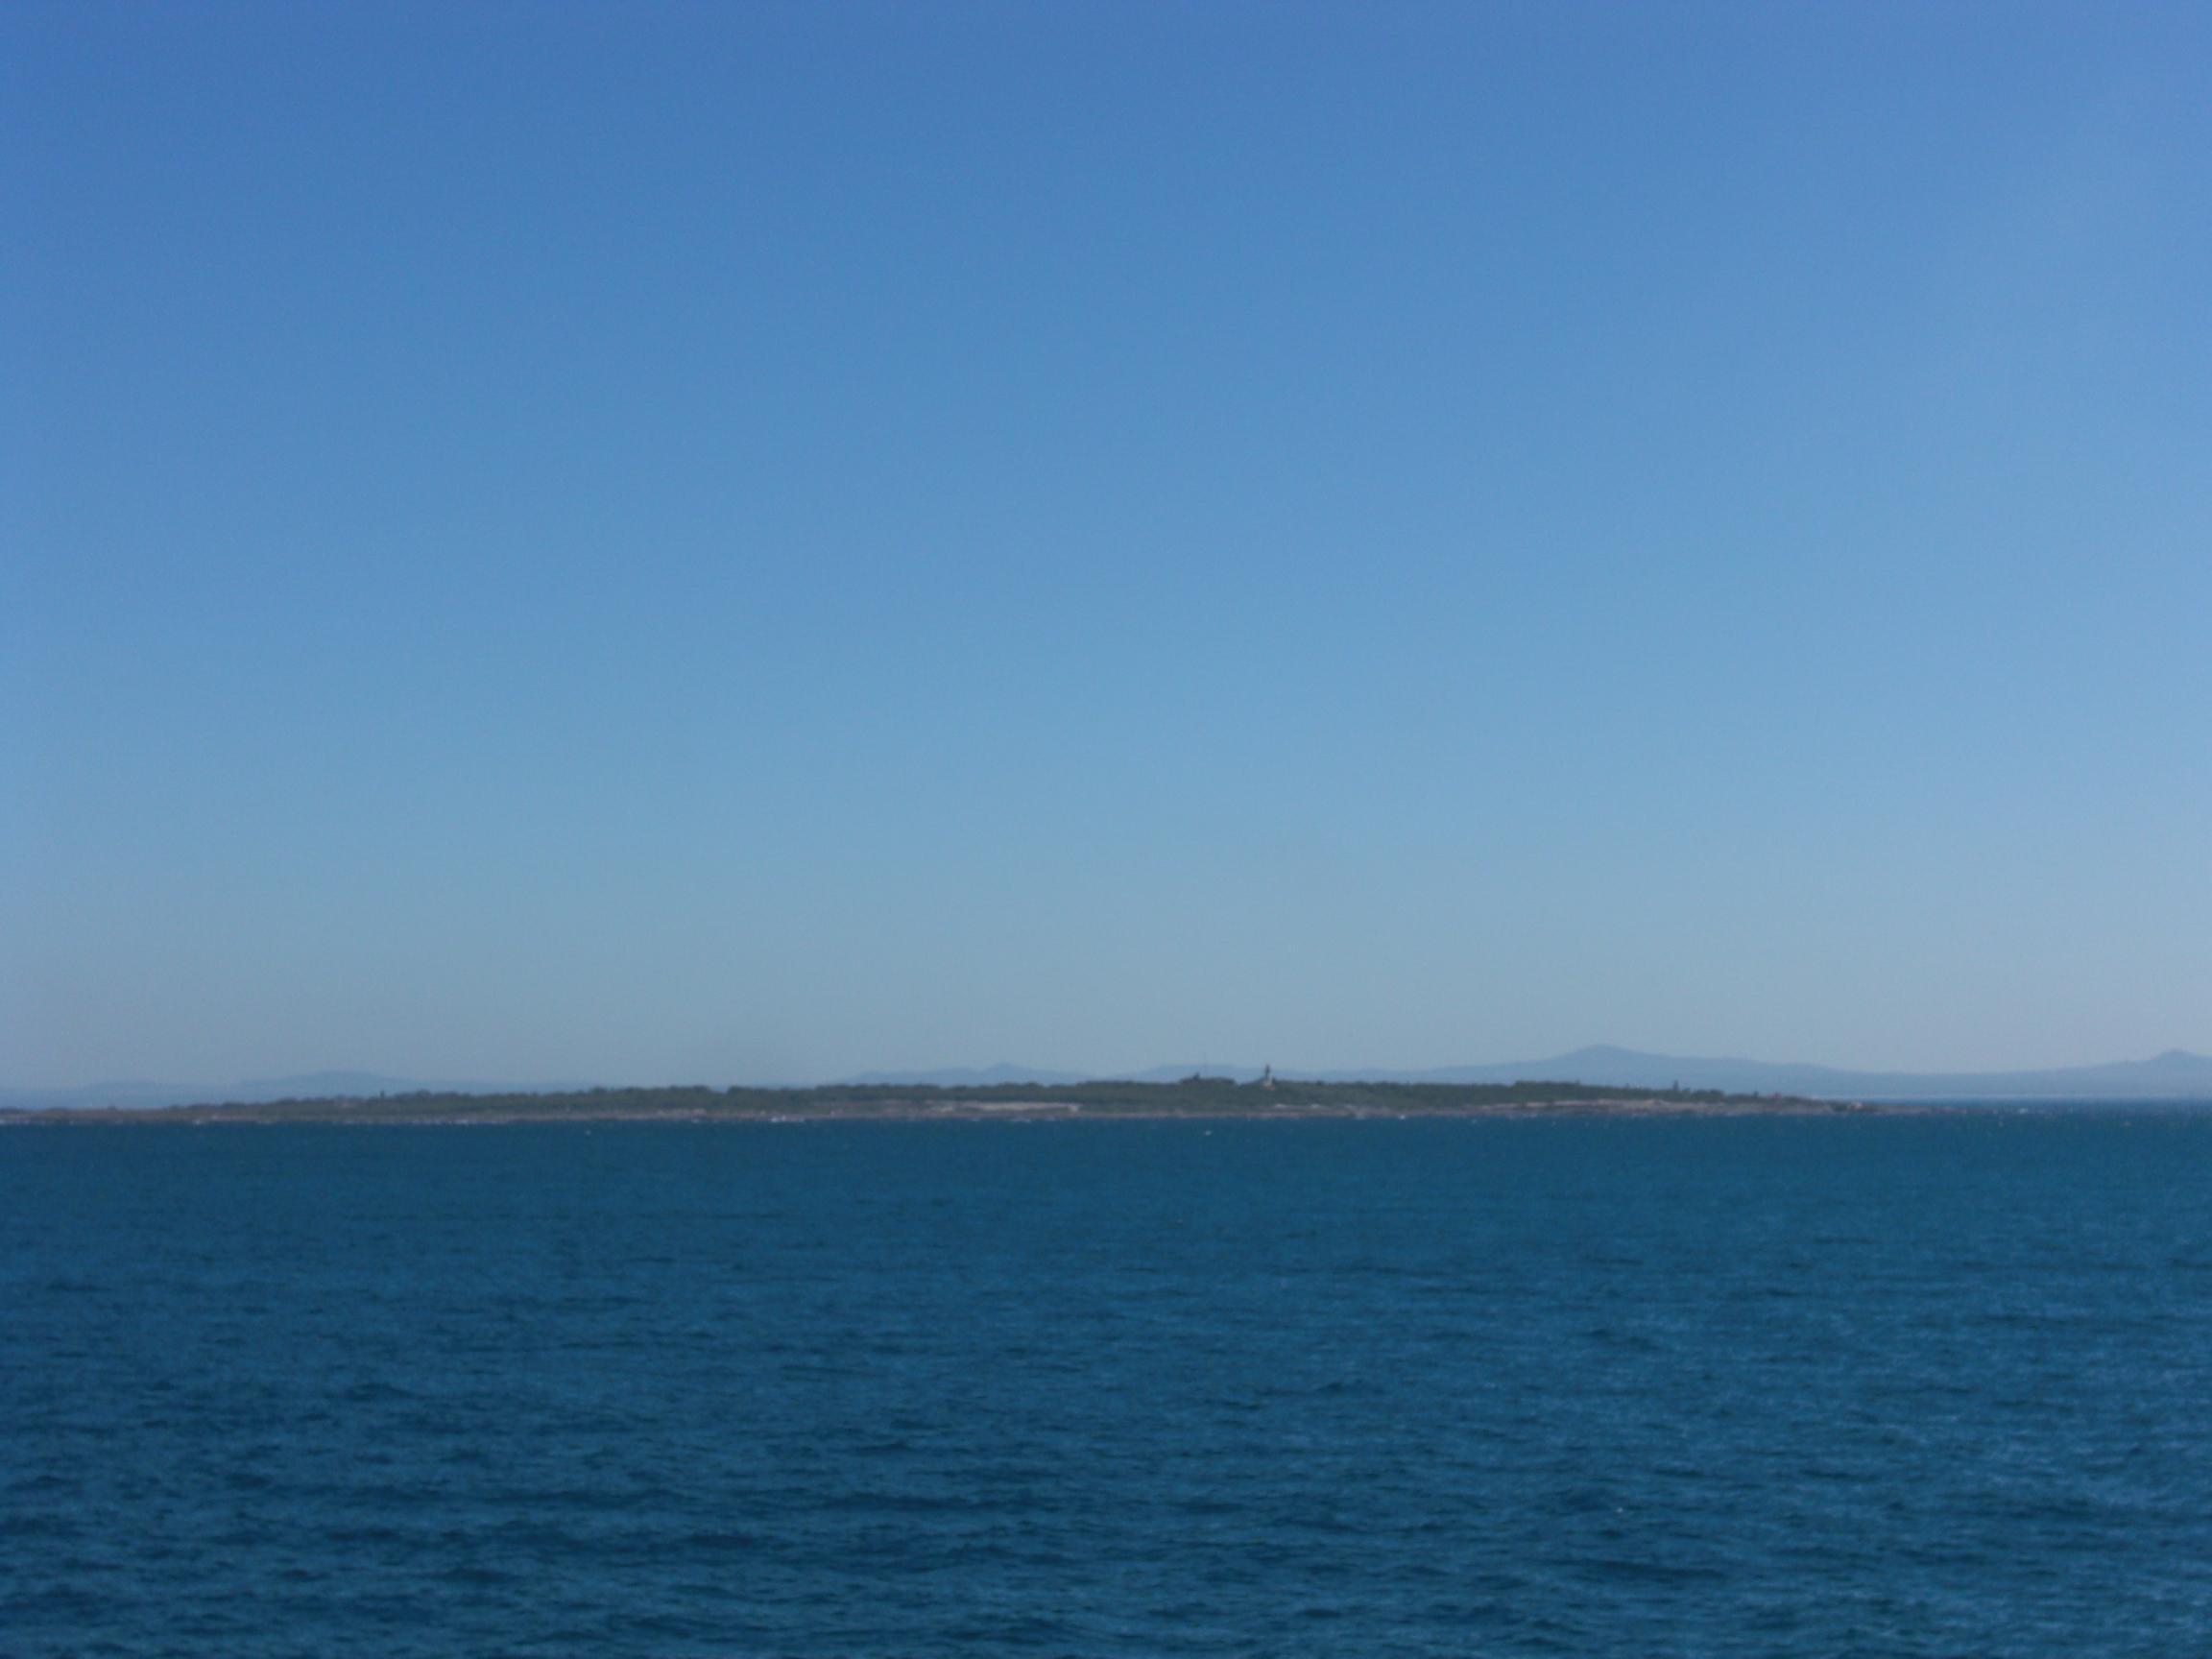 ロベン島の画像 p1_28